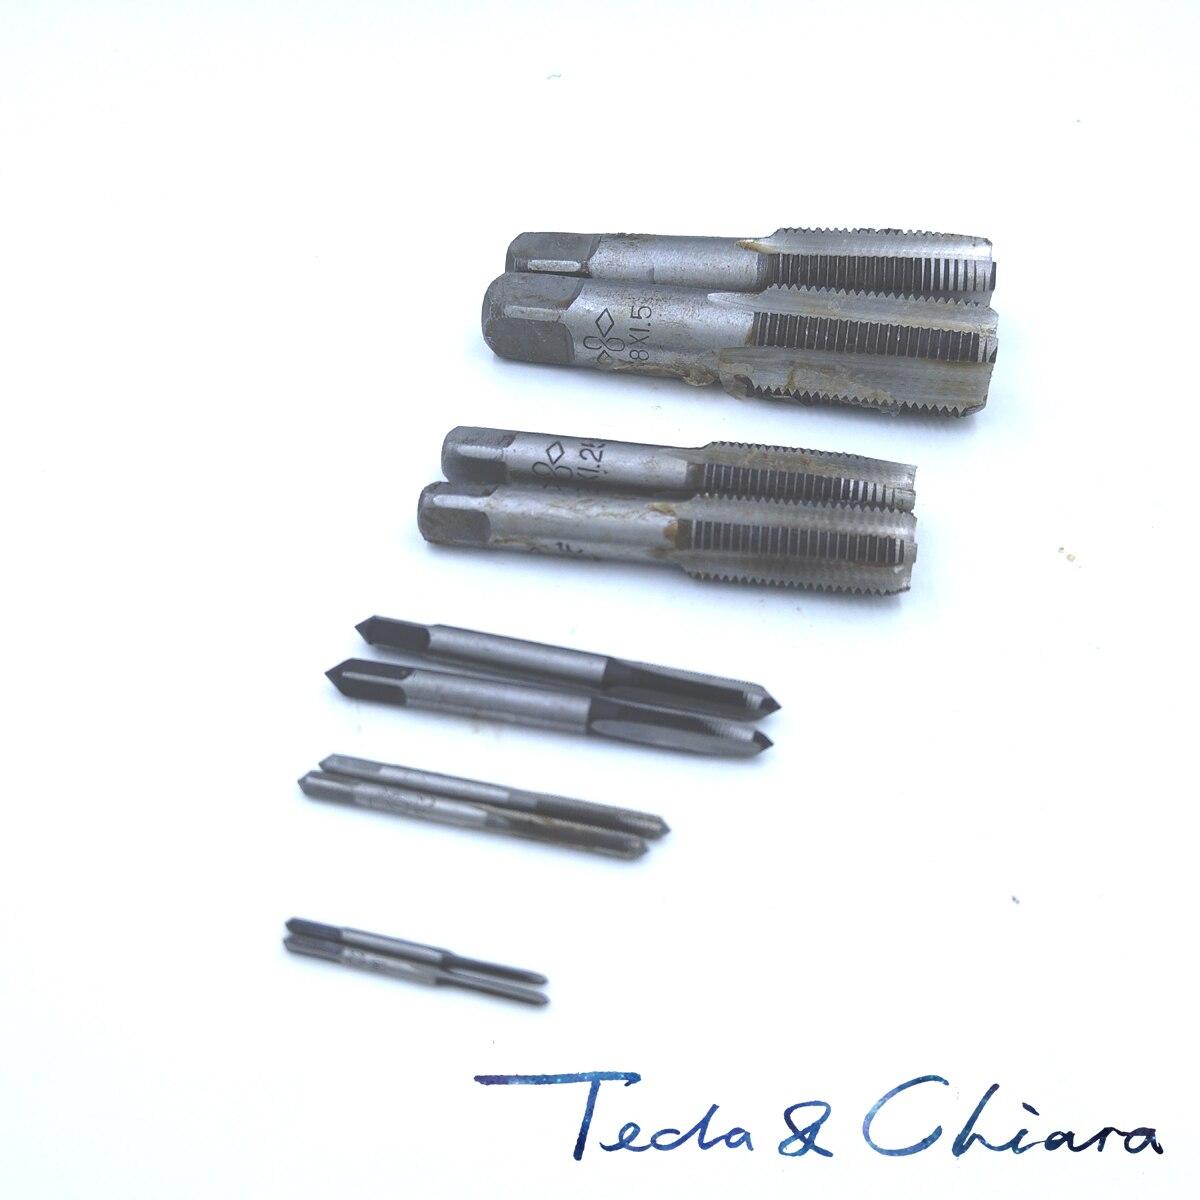 1Set M2 M 2,2 M 2,3 M 2,5 M 2,6x0,4mm 0,45mm Metrische Kegel und Stecker tippen Pitch Für Mold Bearbeitung * 0,4 0,45